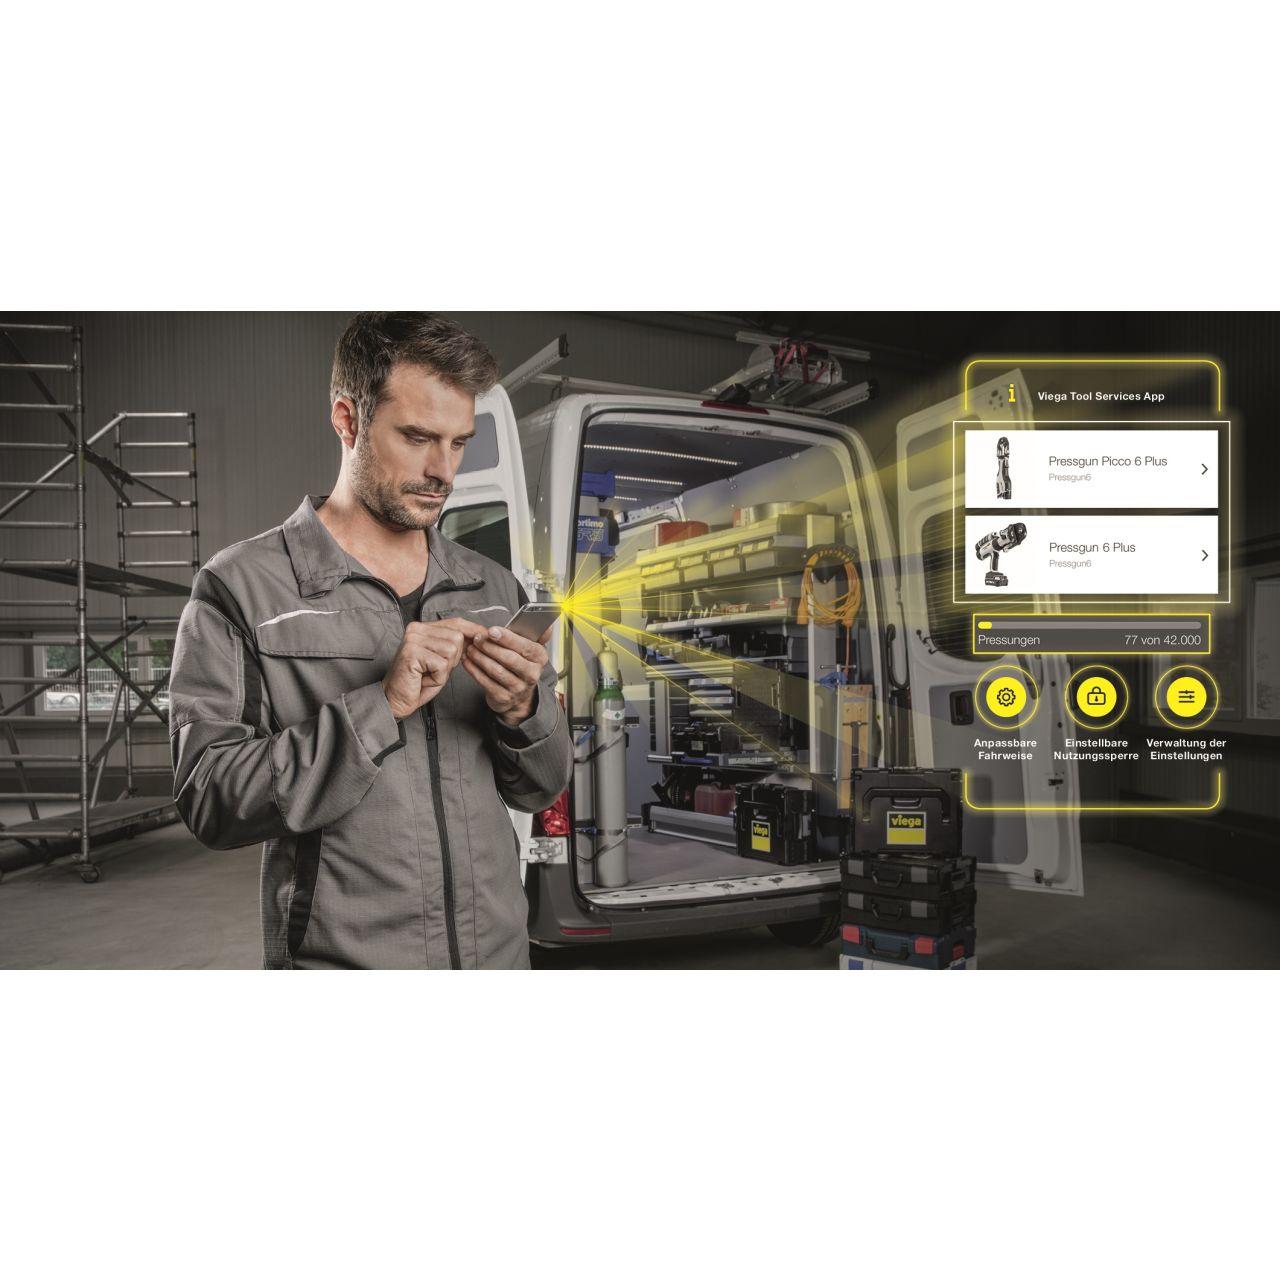 Digitaler Helfer für Werkzeugverwaltung und -einsatz